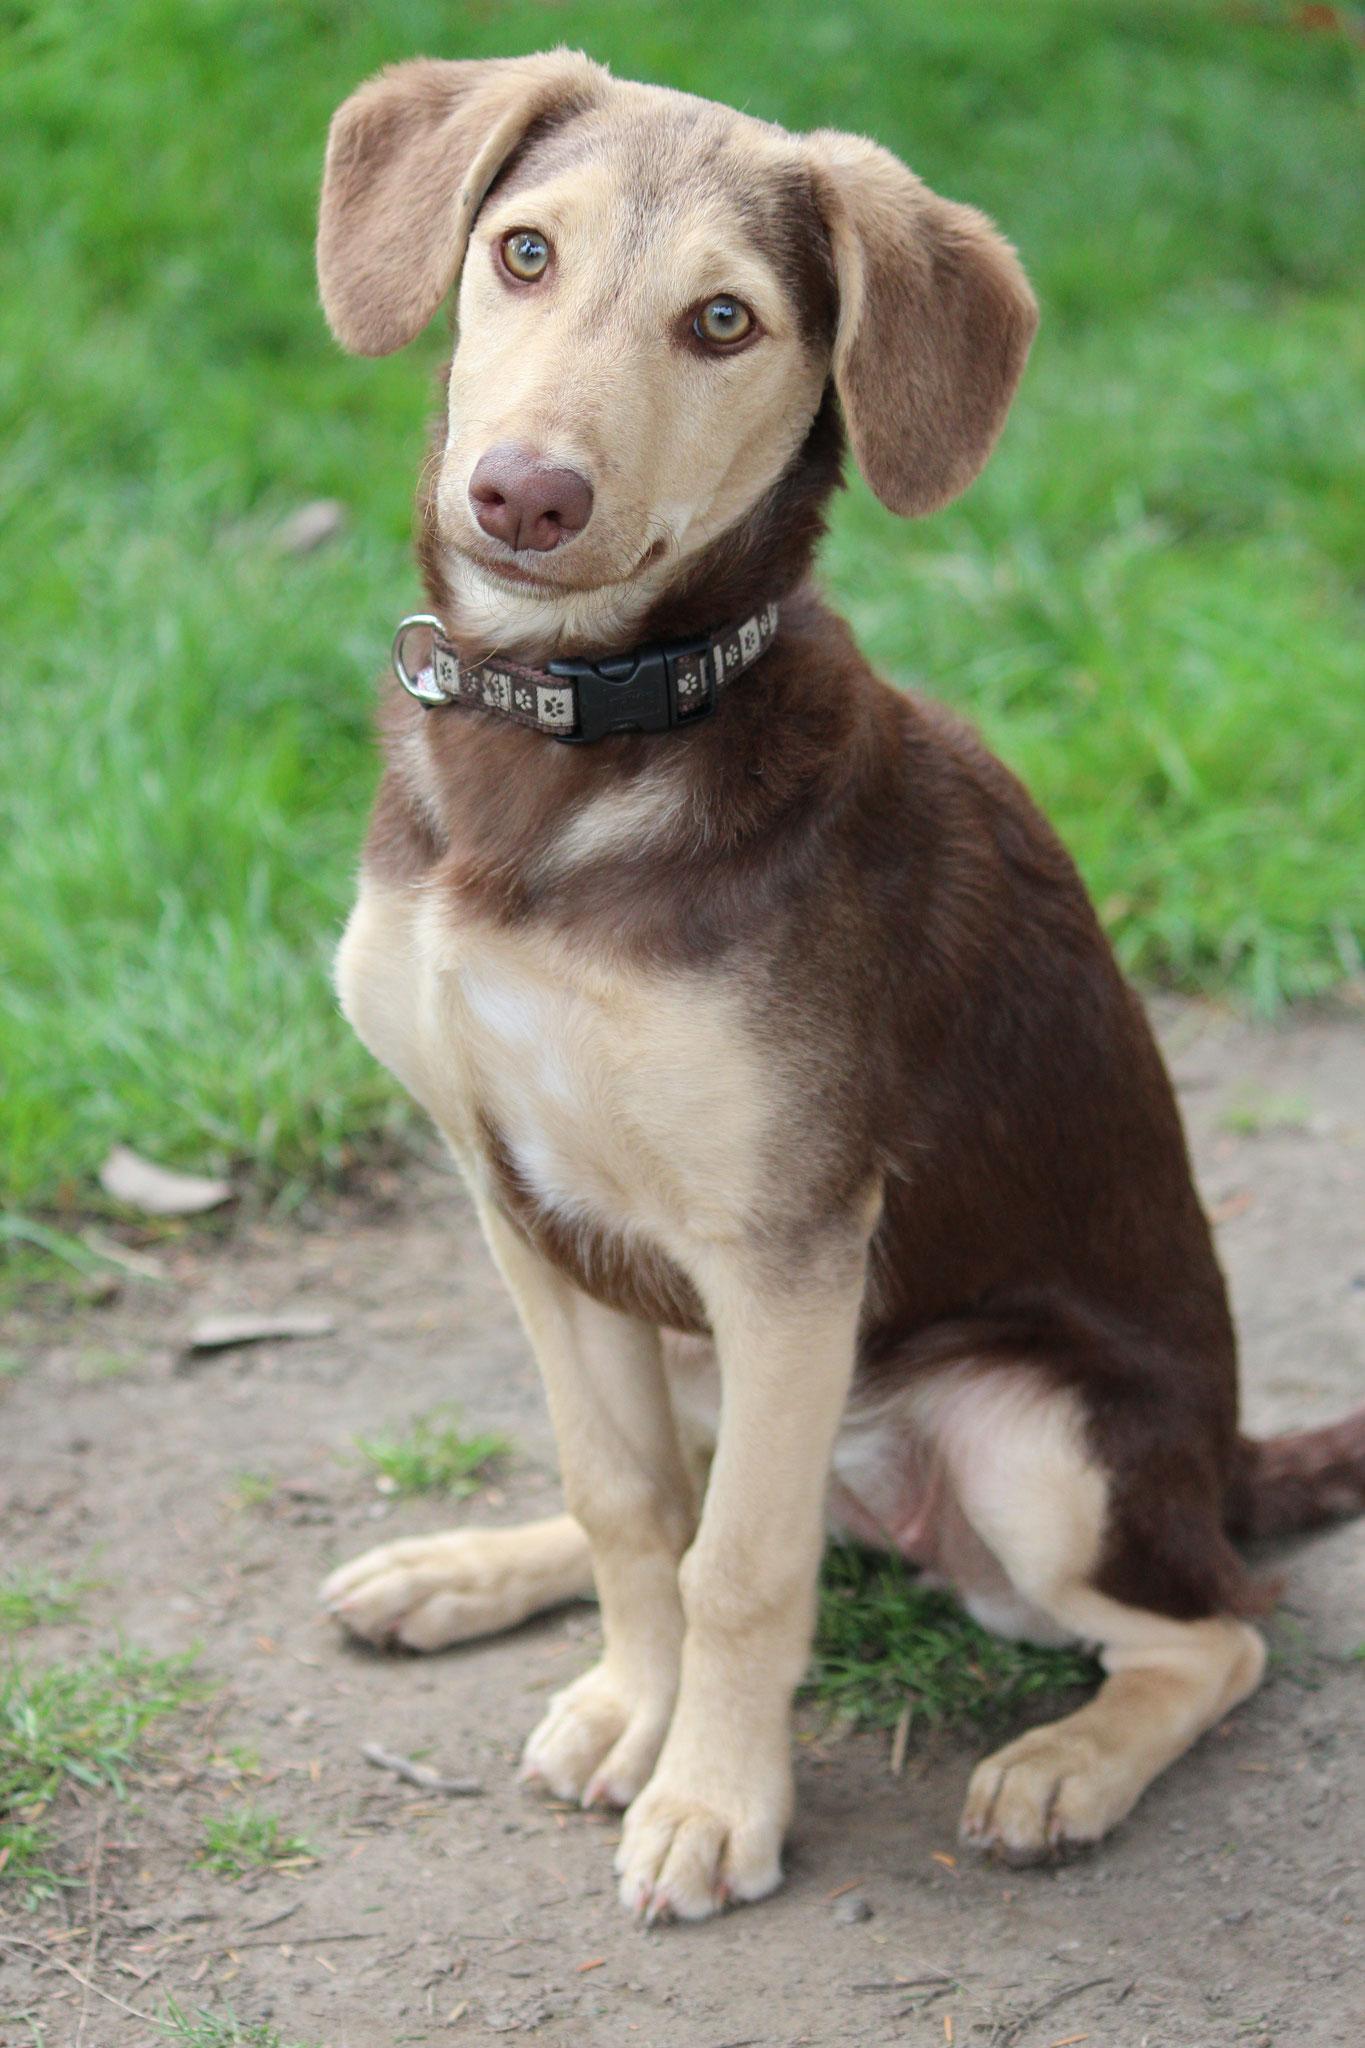 Tilly - Straßenhund, weiblich, geboren 2011 in Thessaloniki, Griechenland